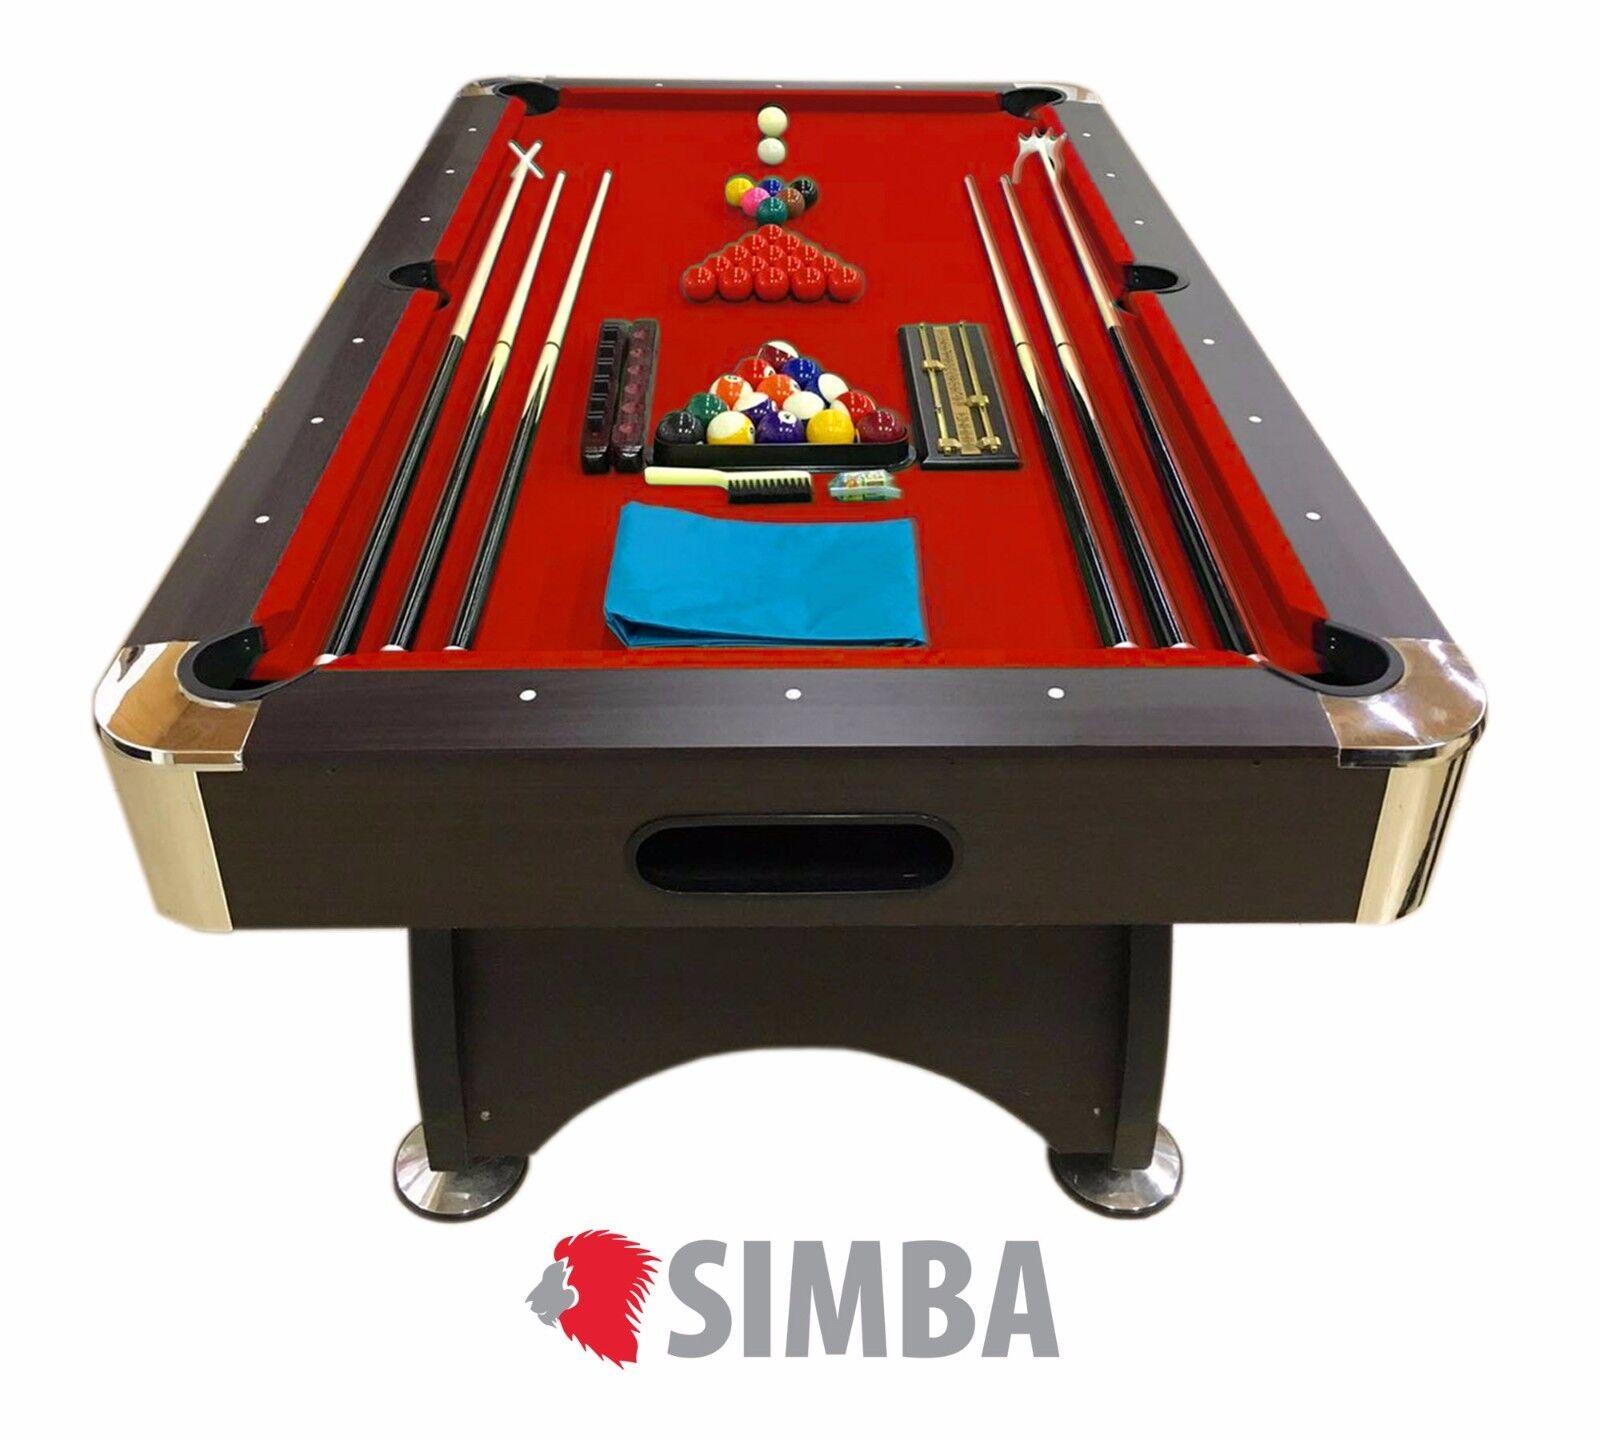 TAVOLO DA BILIARDO + ACCESSORI PER CARAMBOLA - SNOOKER red billiard table 7FT